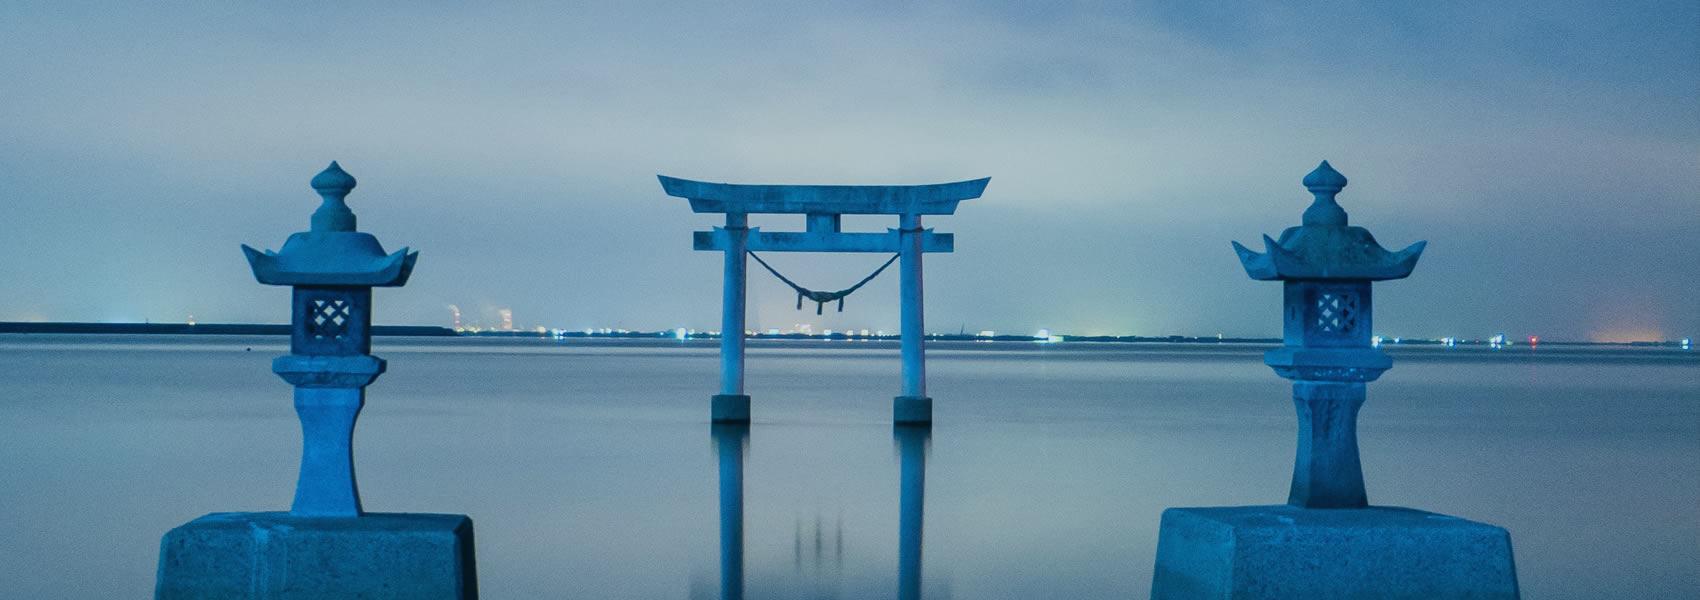 image japan